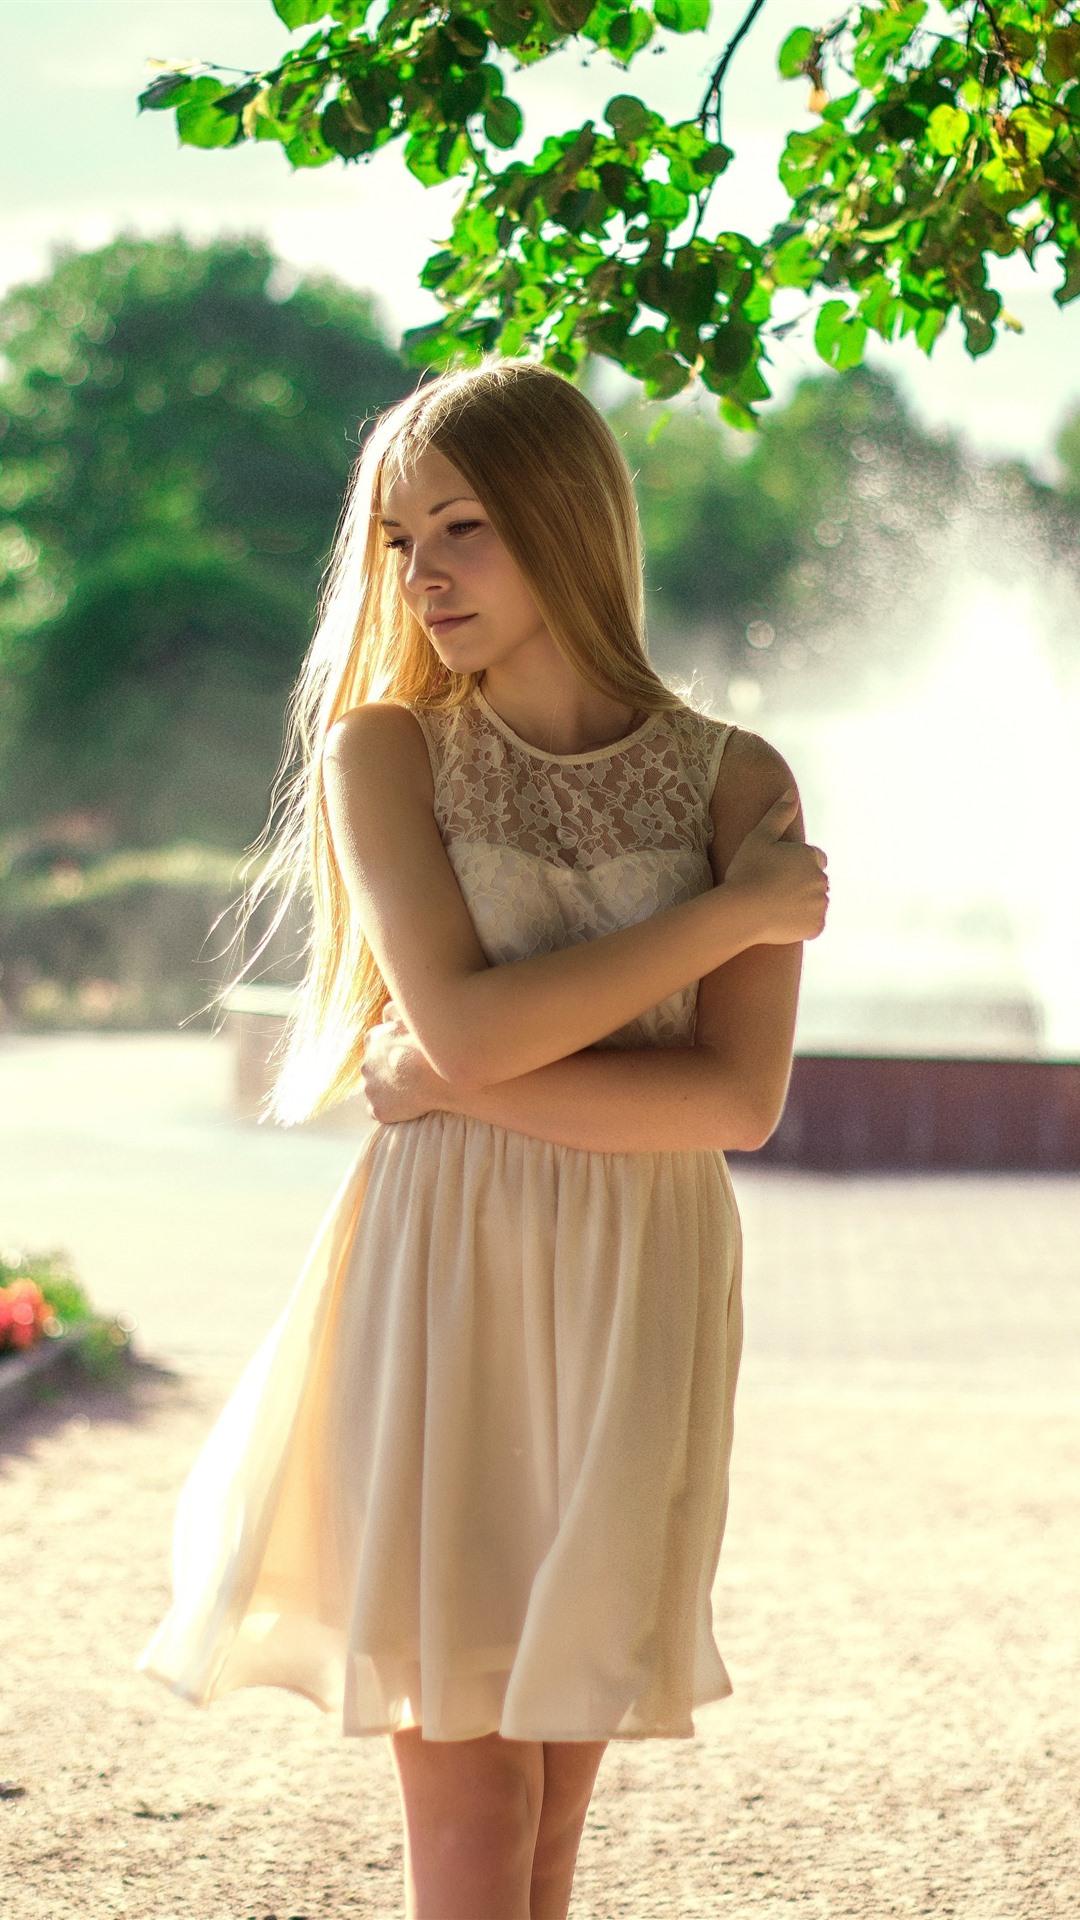 Wallpaper Blonde girl, summer, white skirt 3840x2160 UHD